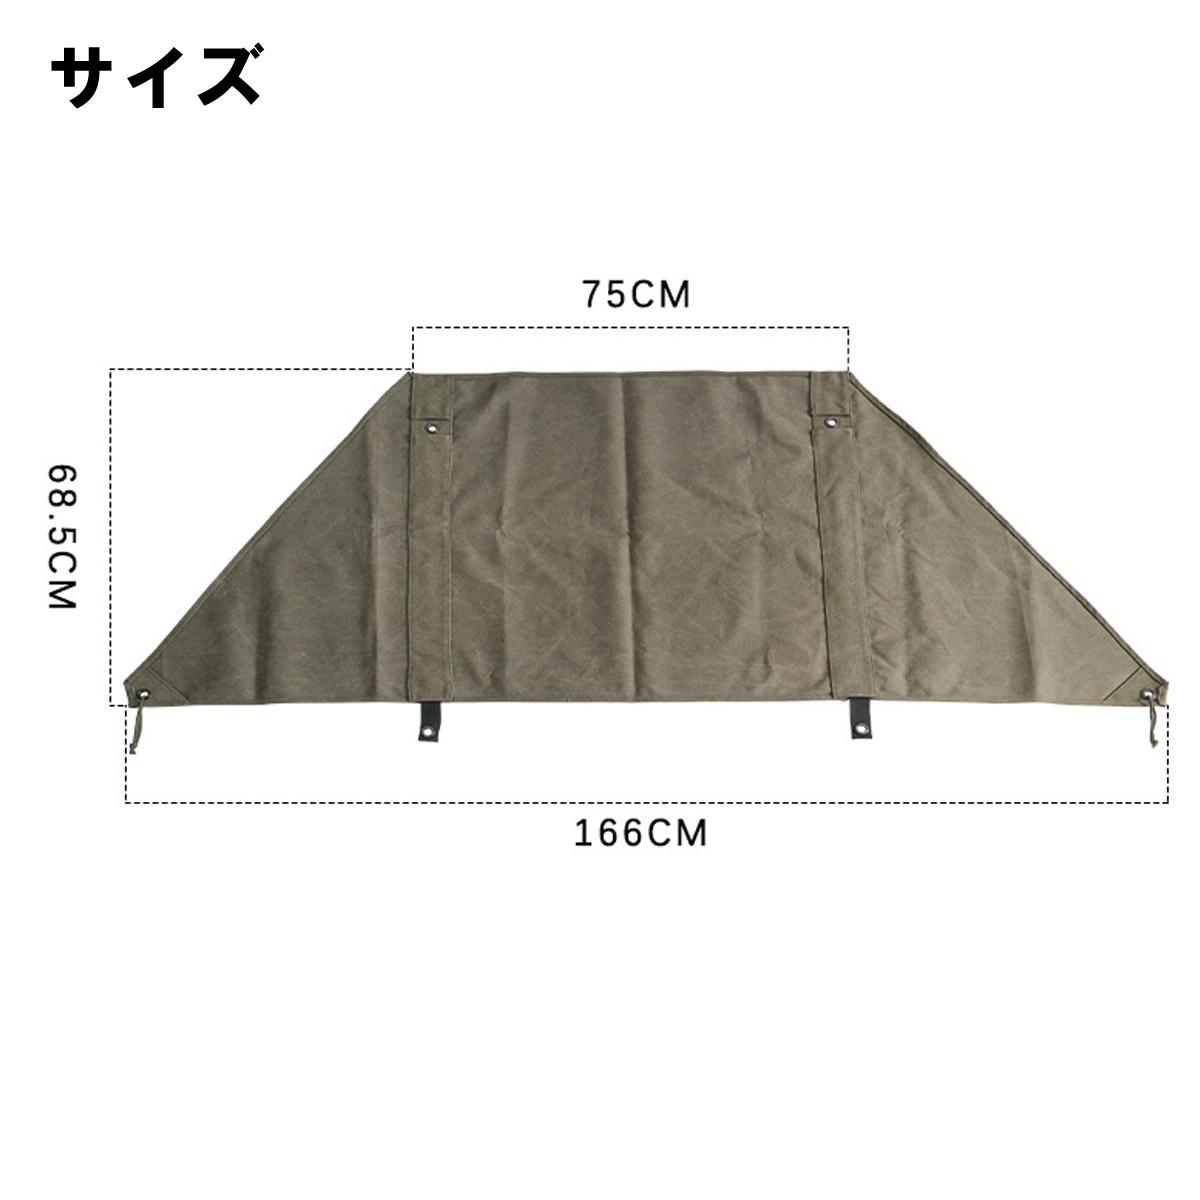 焚き火陣幕・リフレクター サイズ